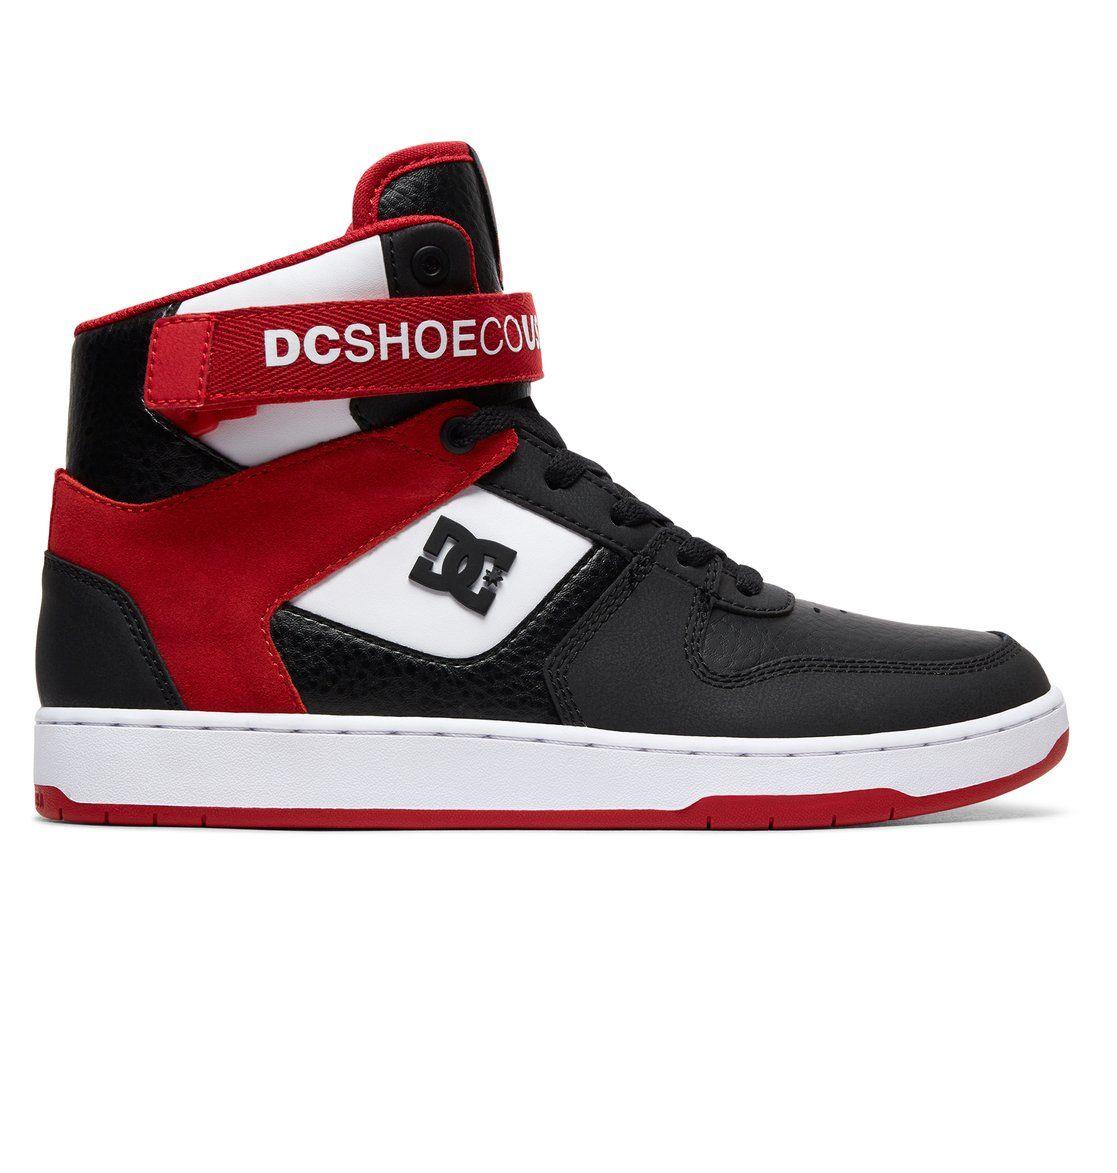 shoes, Dc shoes, Mens casual shoes